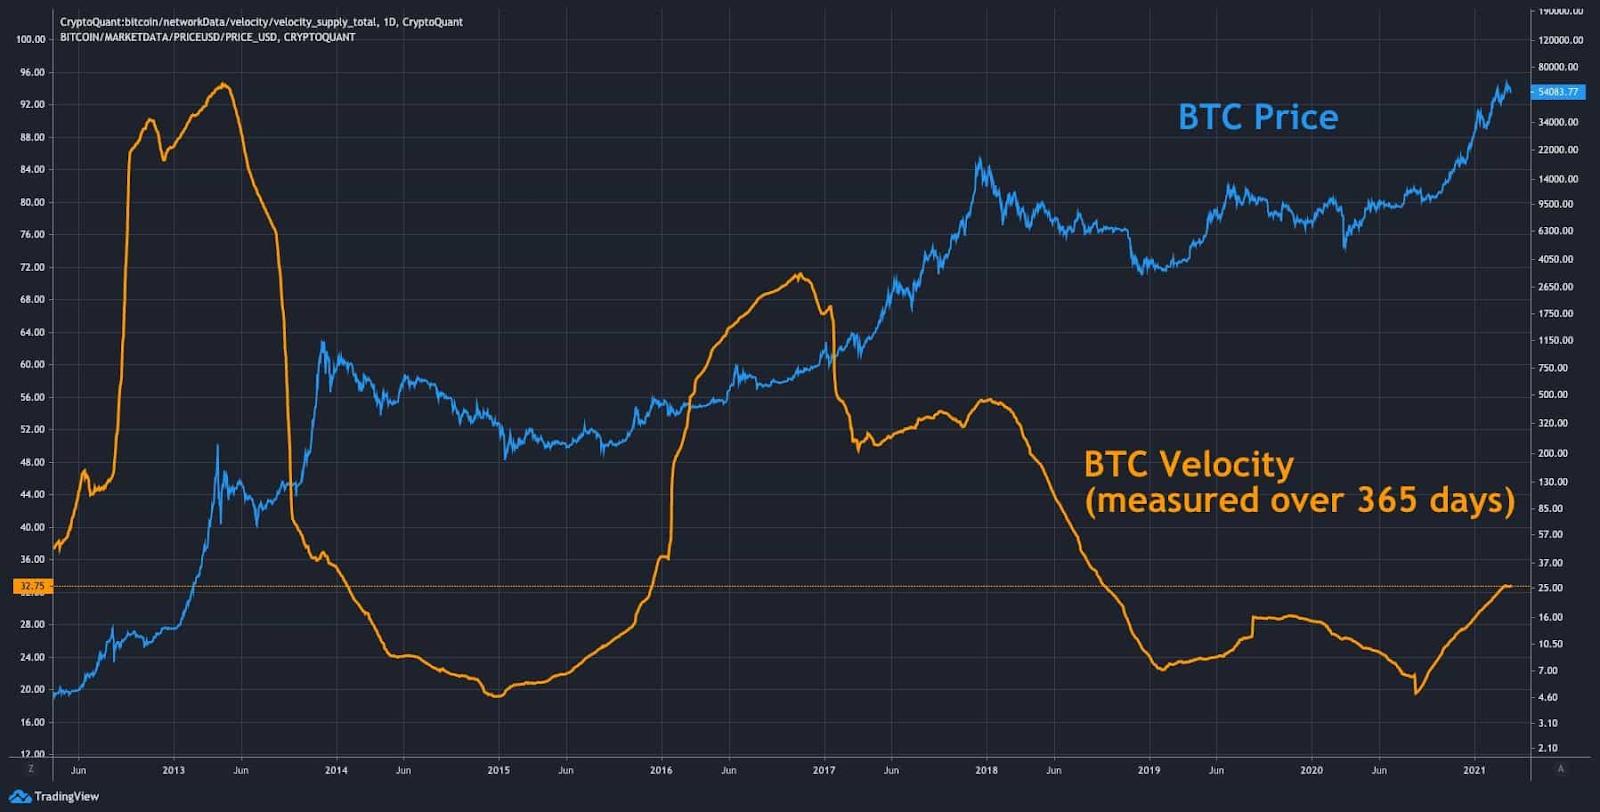 Velocidade do Bitcoin (últimos 365 dias)